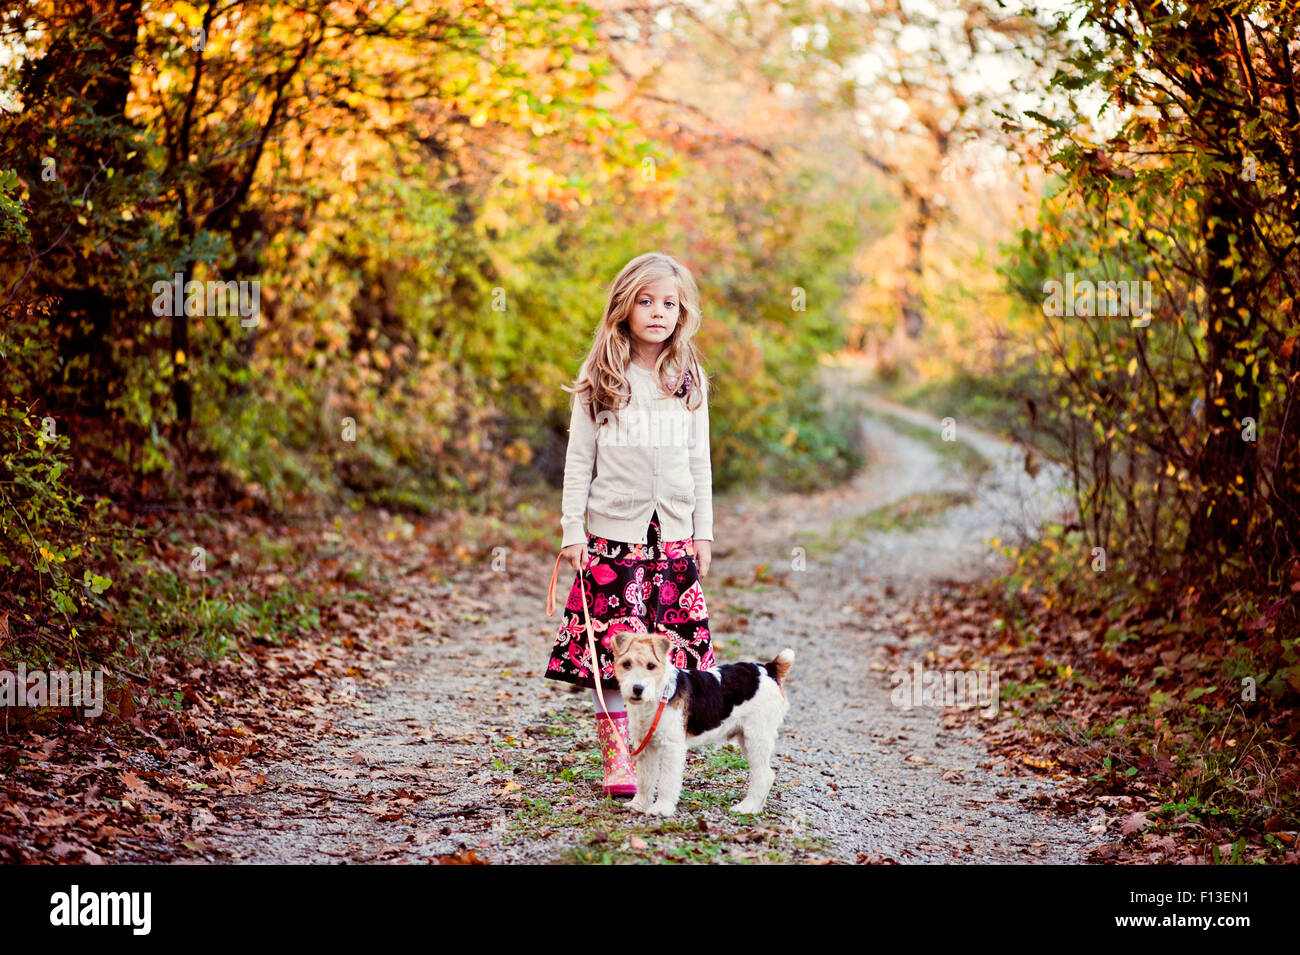 Mädchen zu Fuß ihr Fox Terrier Hund im Wald Stockbild